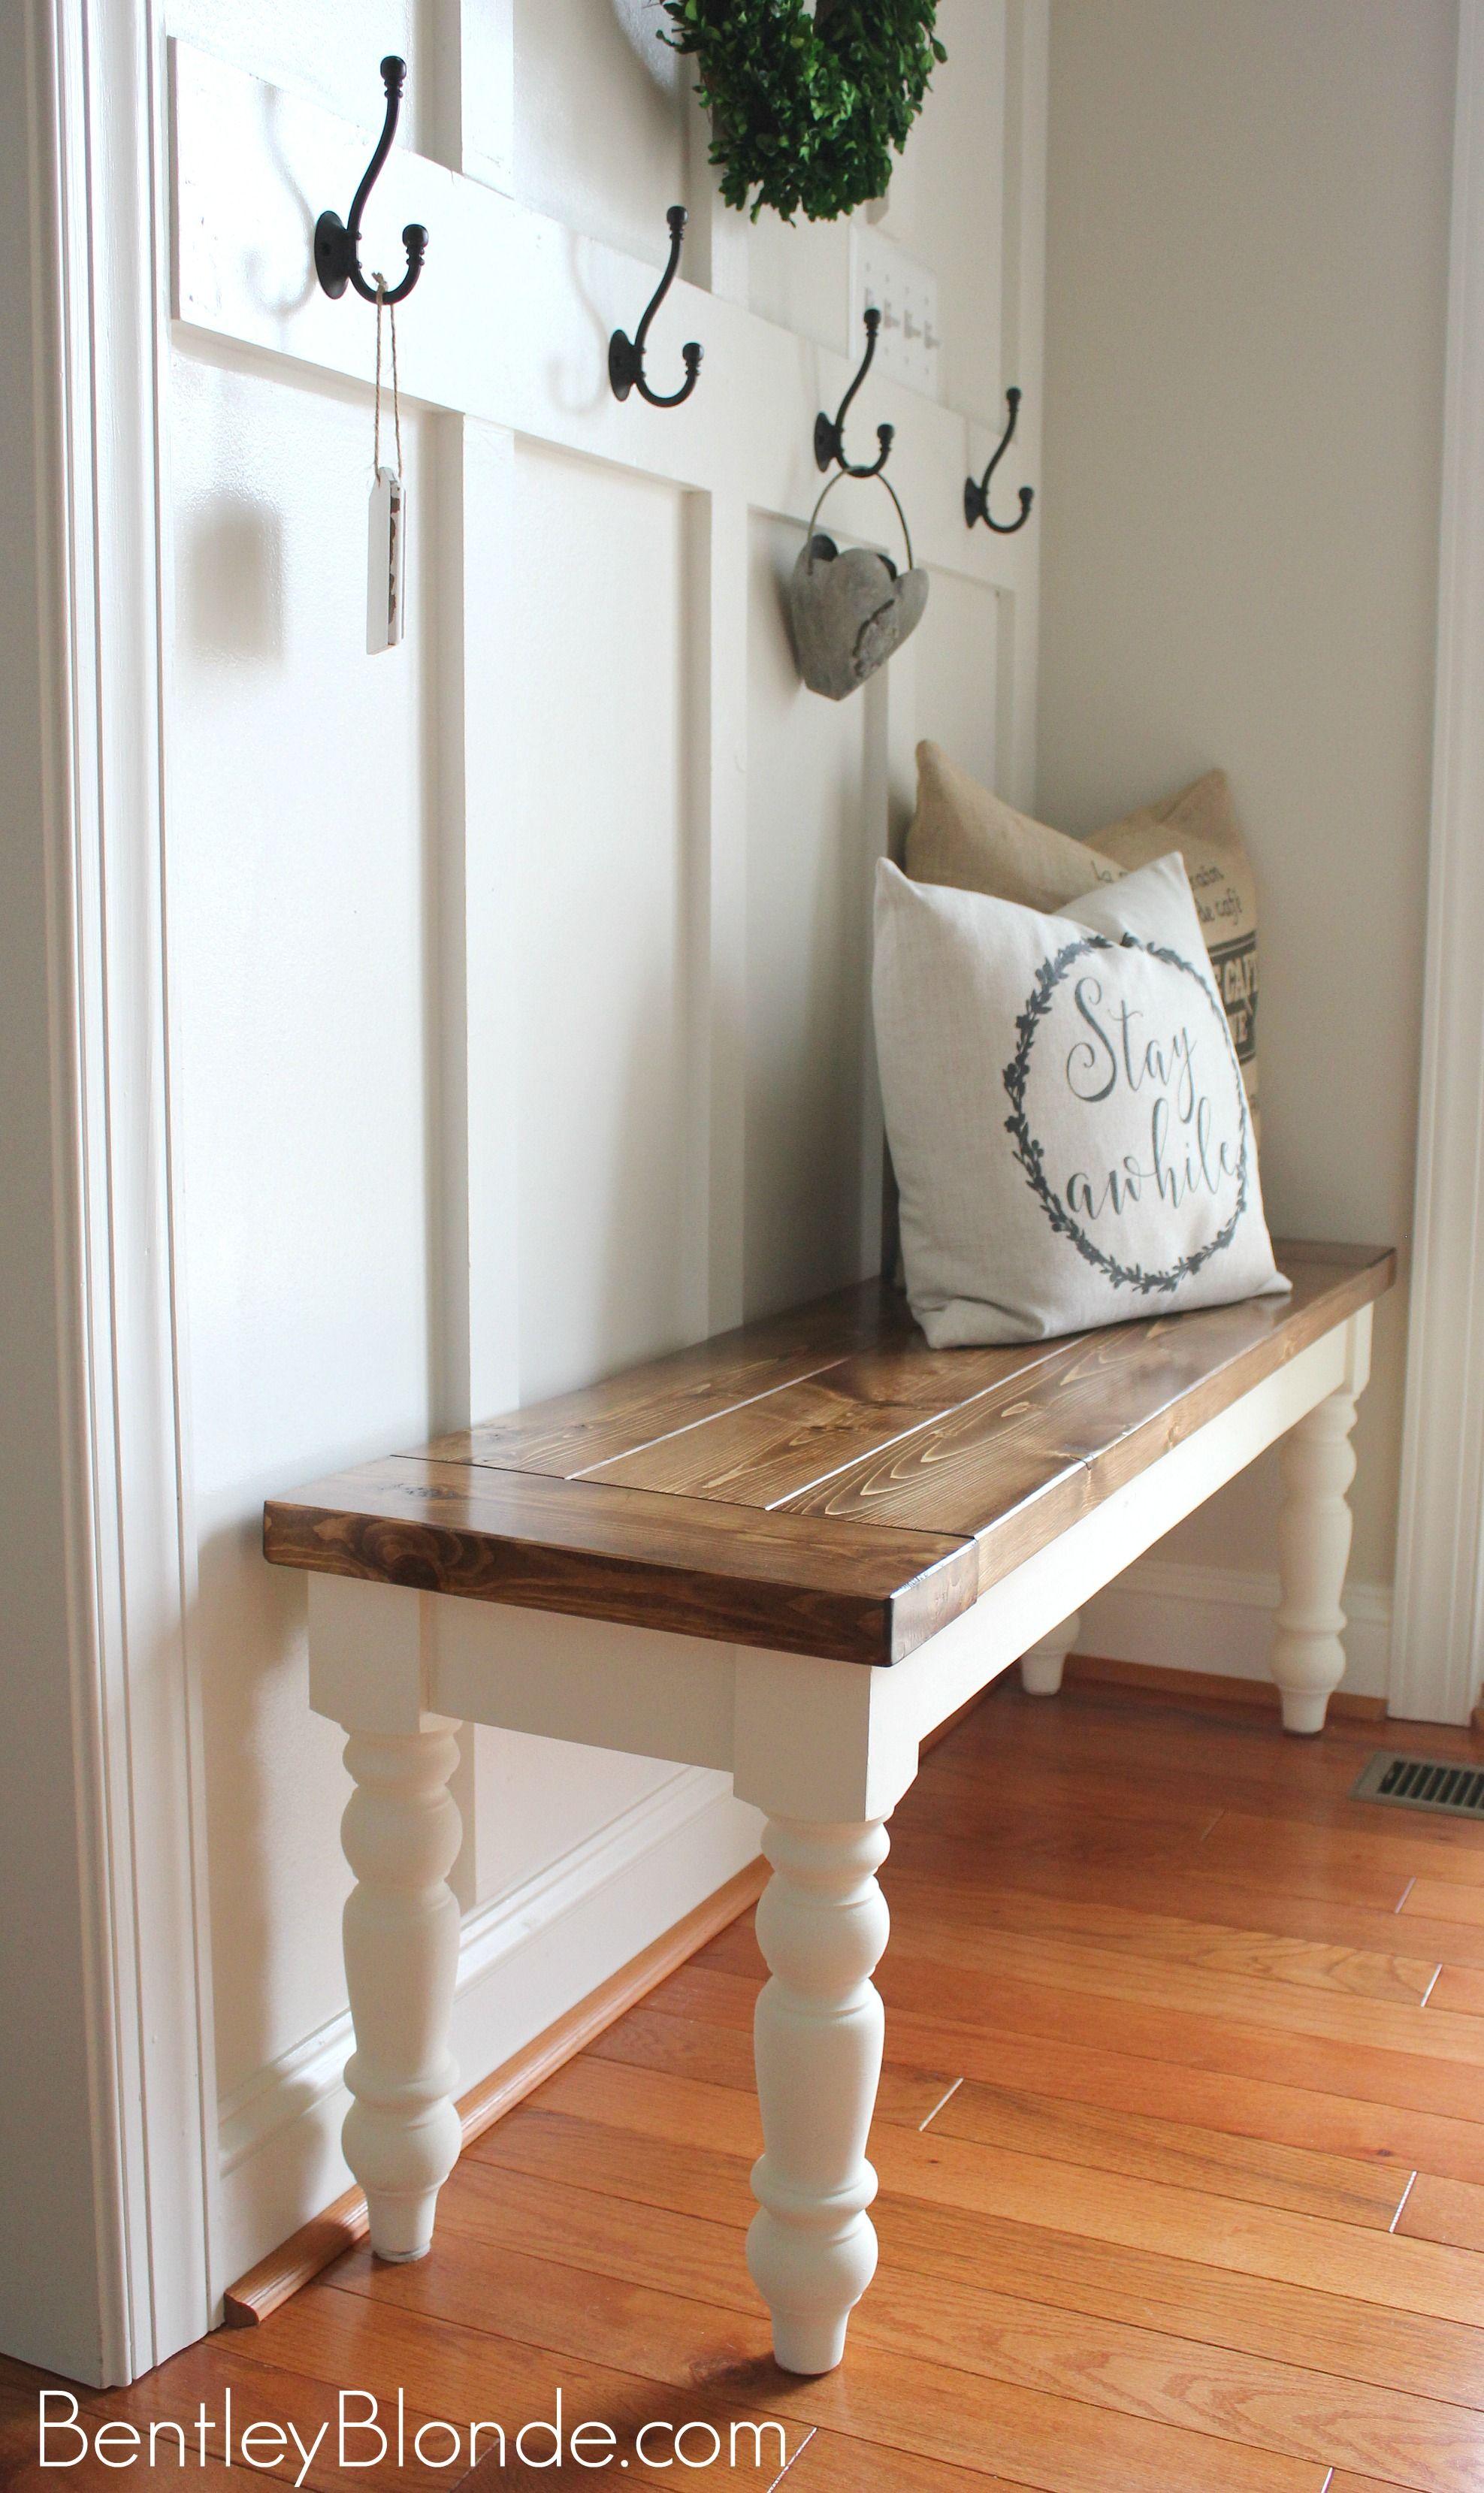 DIY FARMHOUSE BENCH Tutorial Bench decor, Home decor